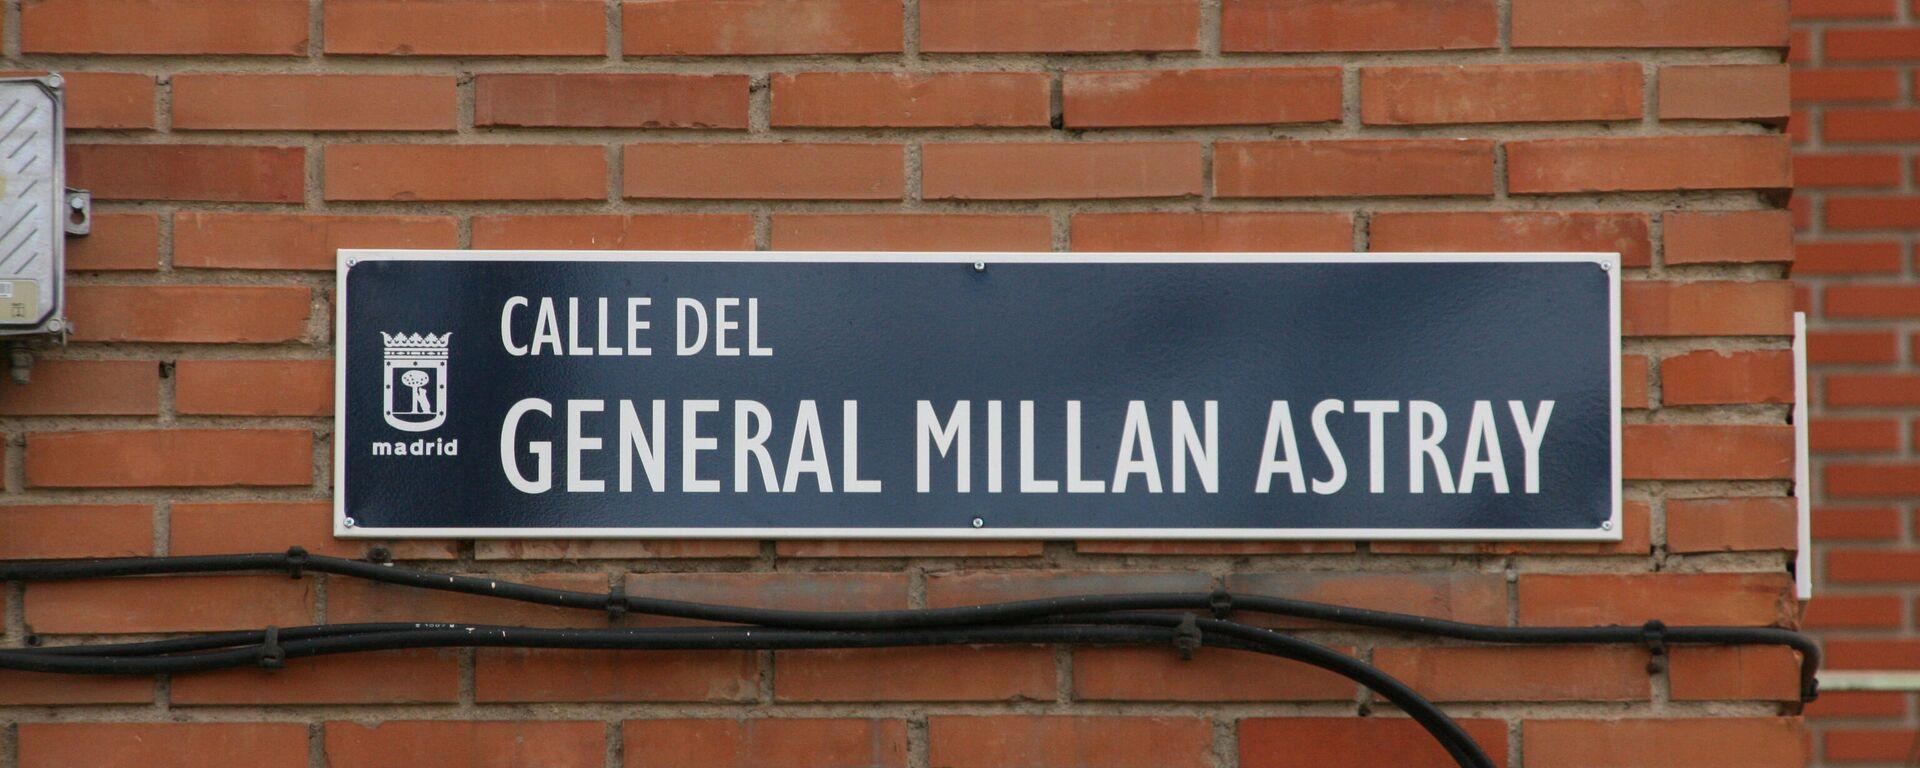 Placa de la calle General Millán Astray en el barrio de Las Águilas, distrito de Latina, en Madrid - Sputnik Mundo, 1920, 26.08.2021